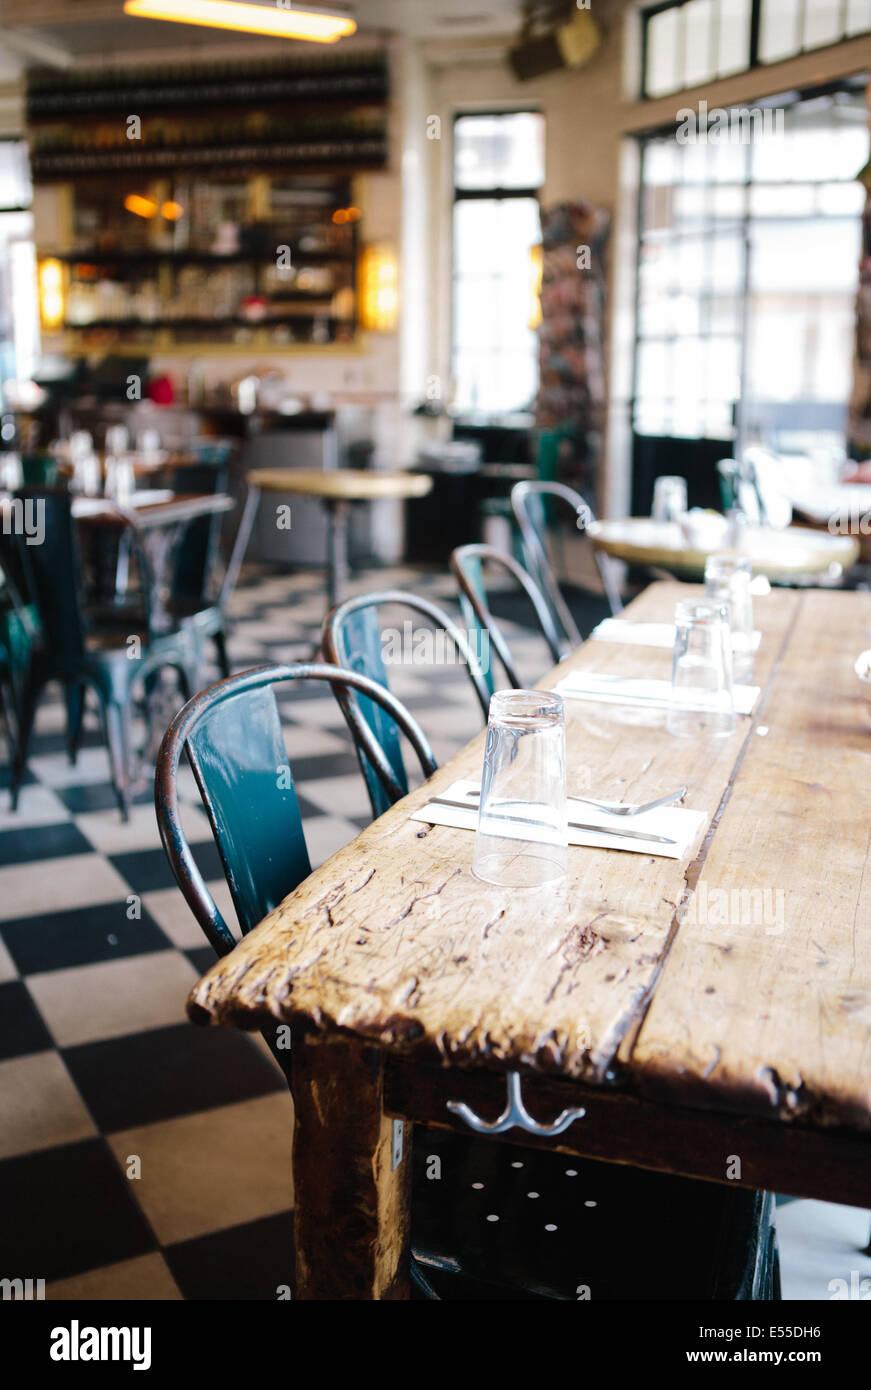 Comunità tavolo con sedie in metallo e il pavimento a scacchi nel moderno ristorante industriale. Immagini Stock